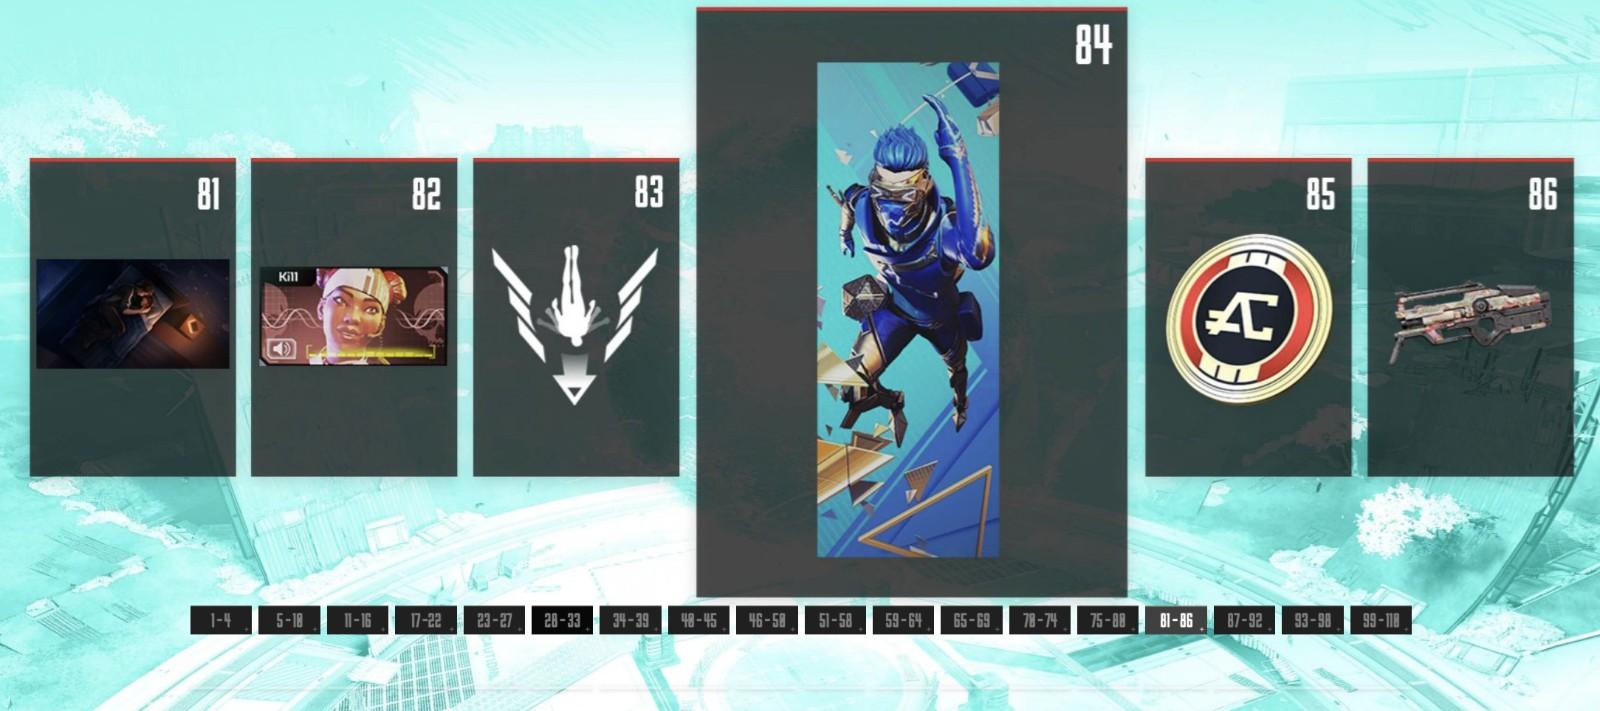 《Apex英雄》赛季8战斗通行证预告 超百款道具